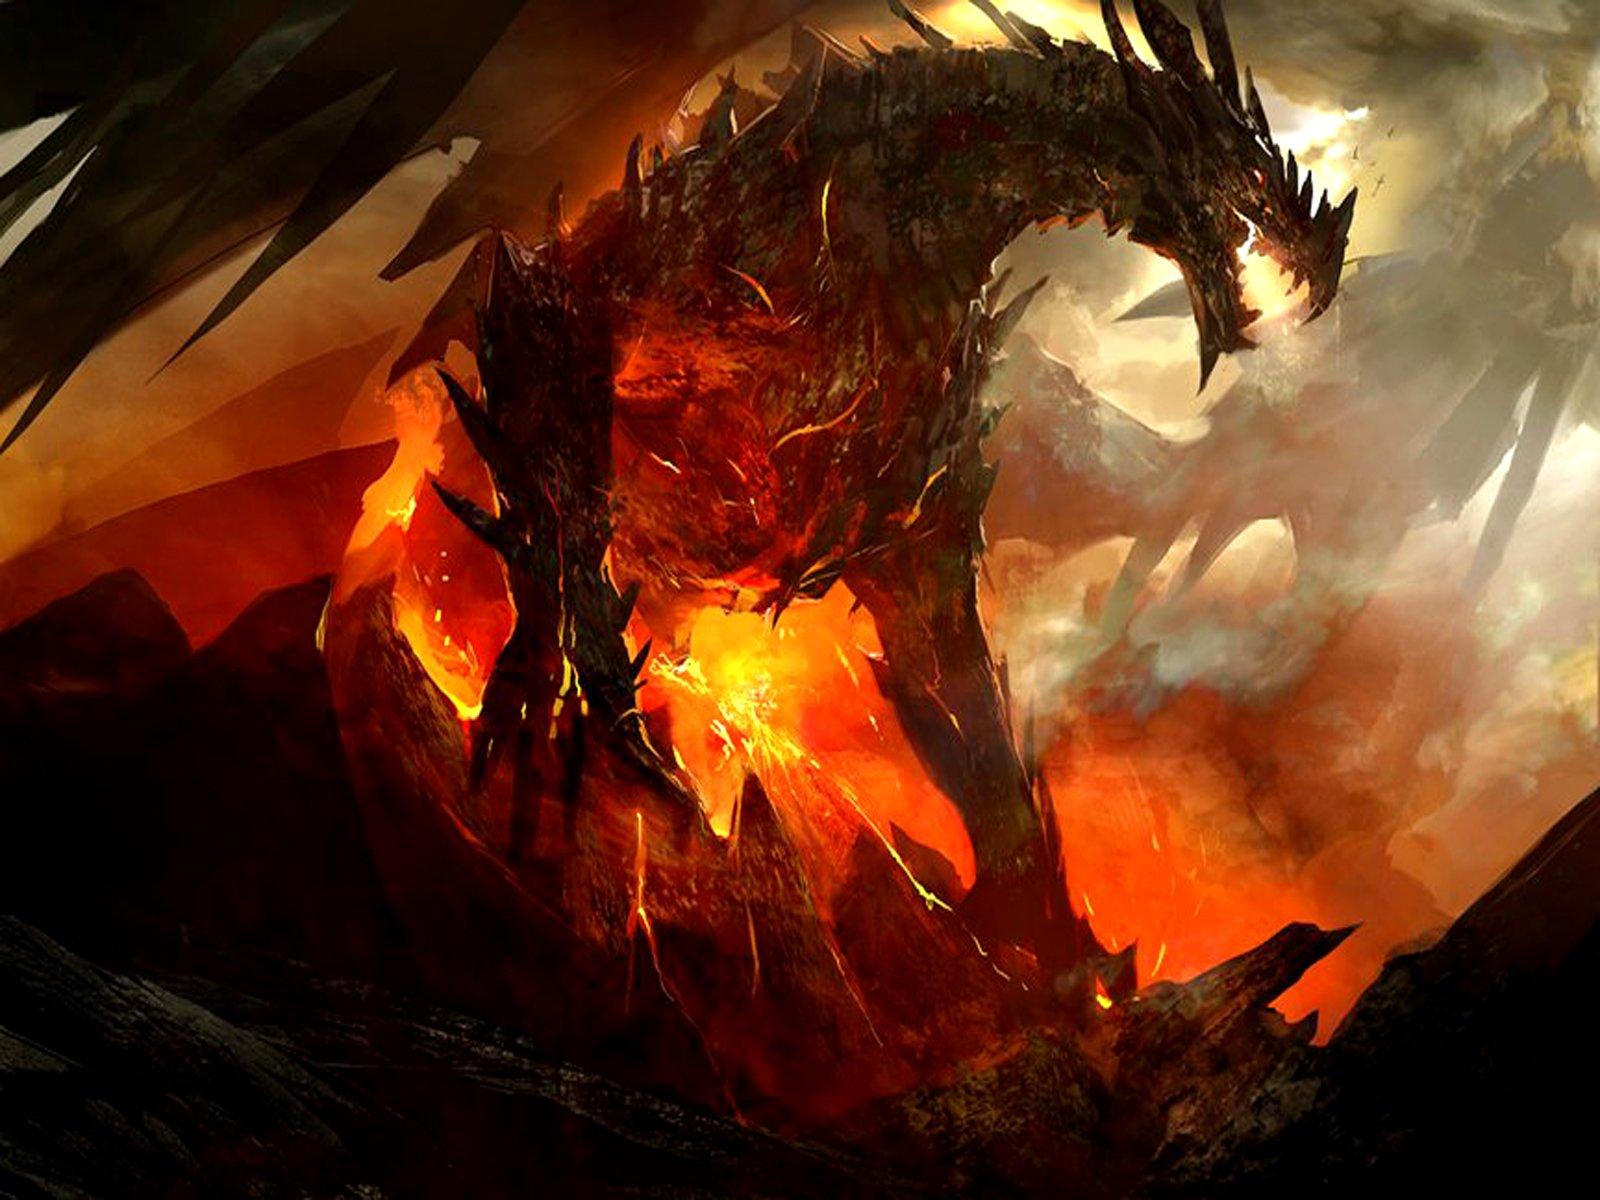 Dragon wallpaper dragons wallpaper cool dragon wallpapers dragon 1600x1200